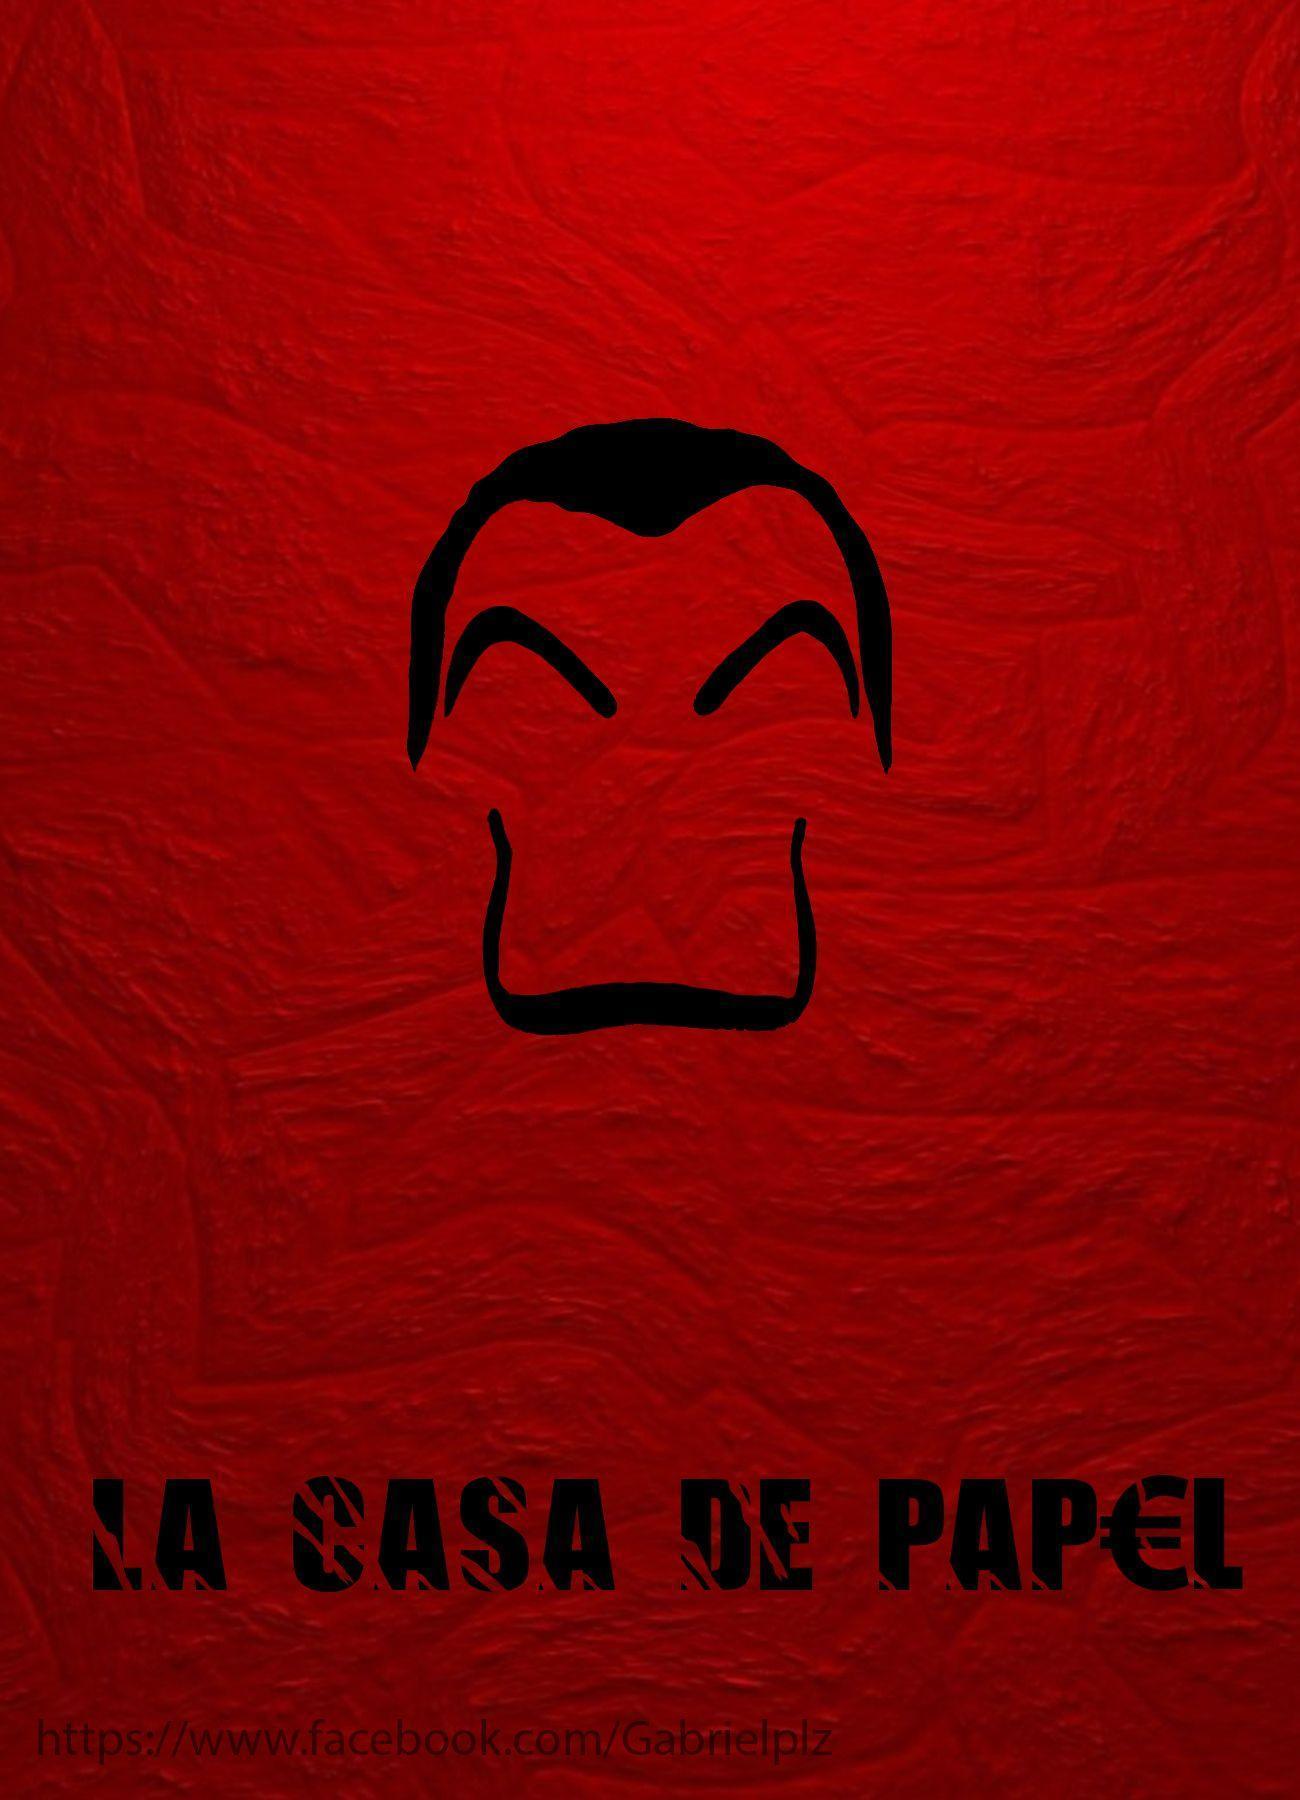 La Casa De Papel Wallpaper Bella Ciao For Android Apk